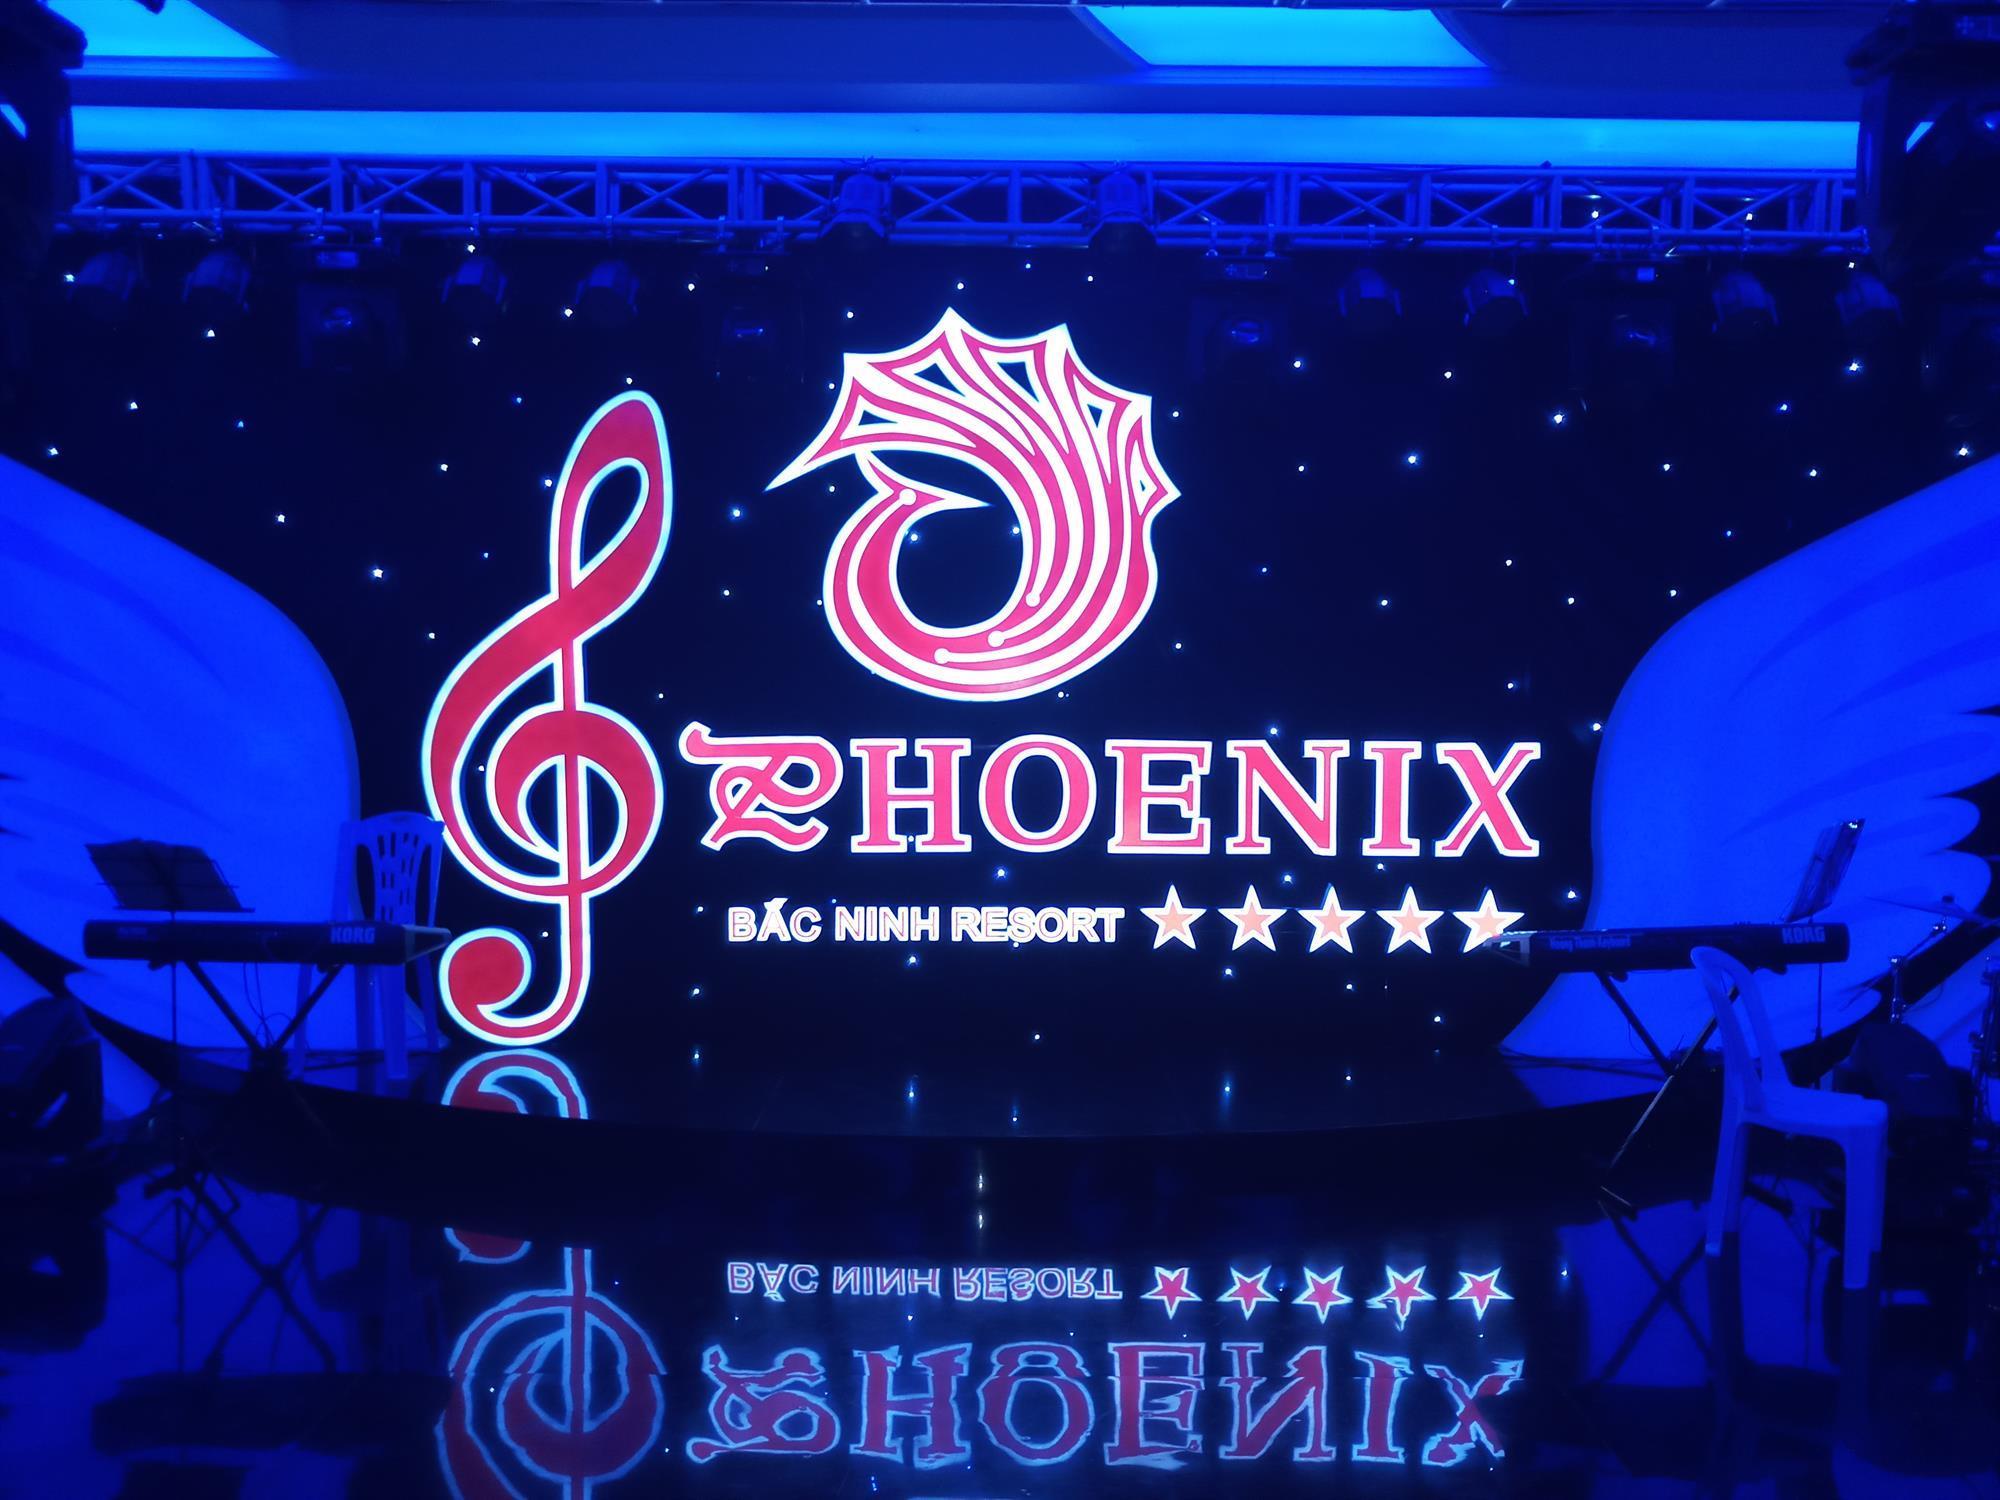 Bolero - Phoenix cuối tuần số 1 chủ đề Tình đời đoạn 3